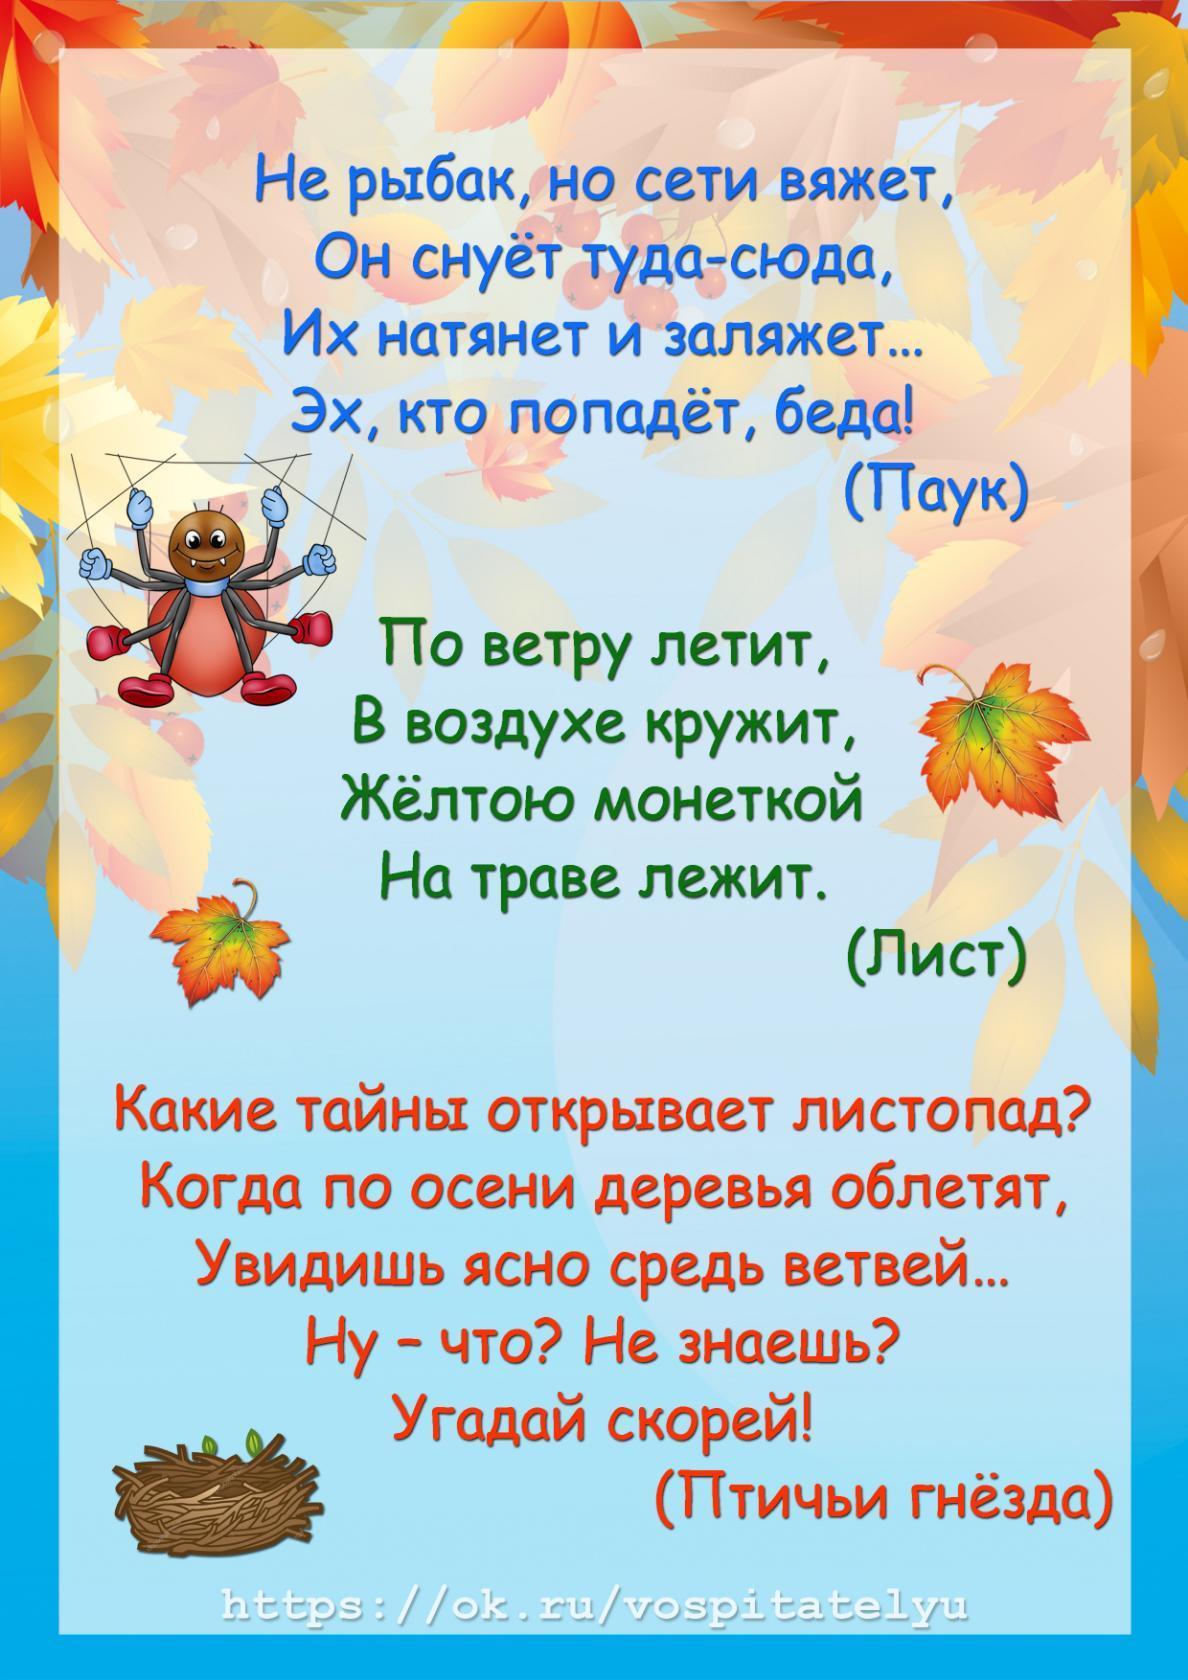 Загадка про осень для школьников